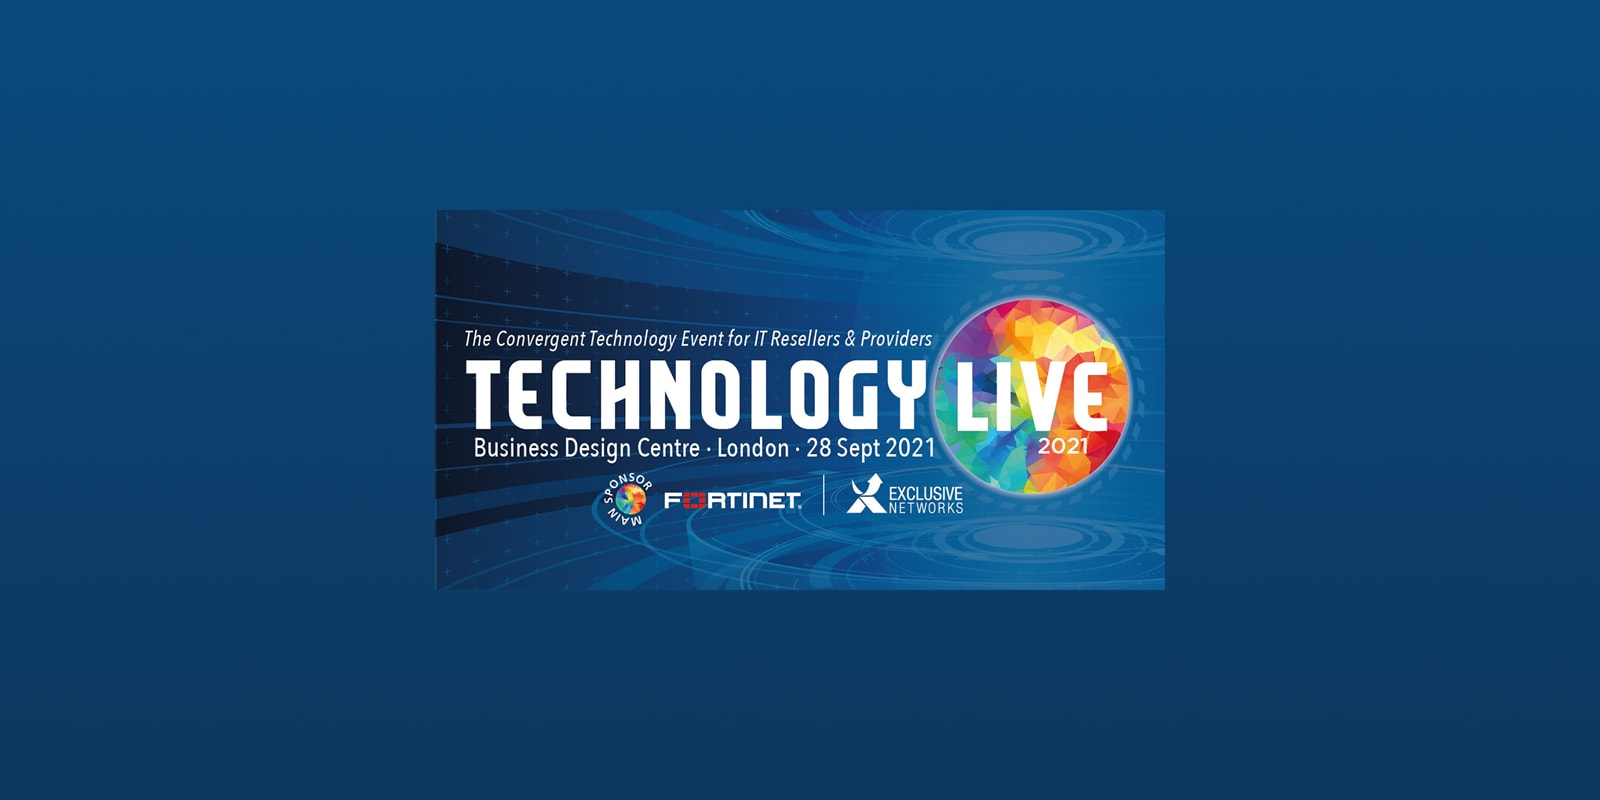 Technology Live